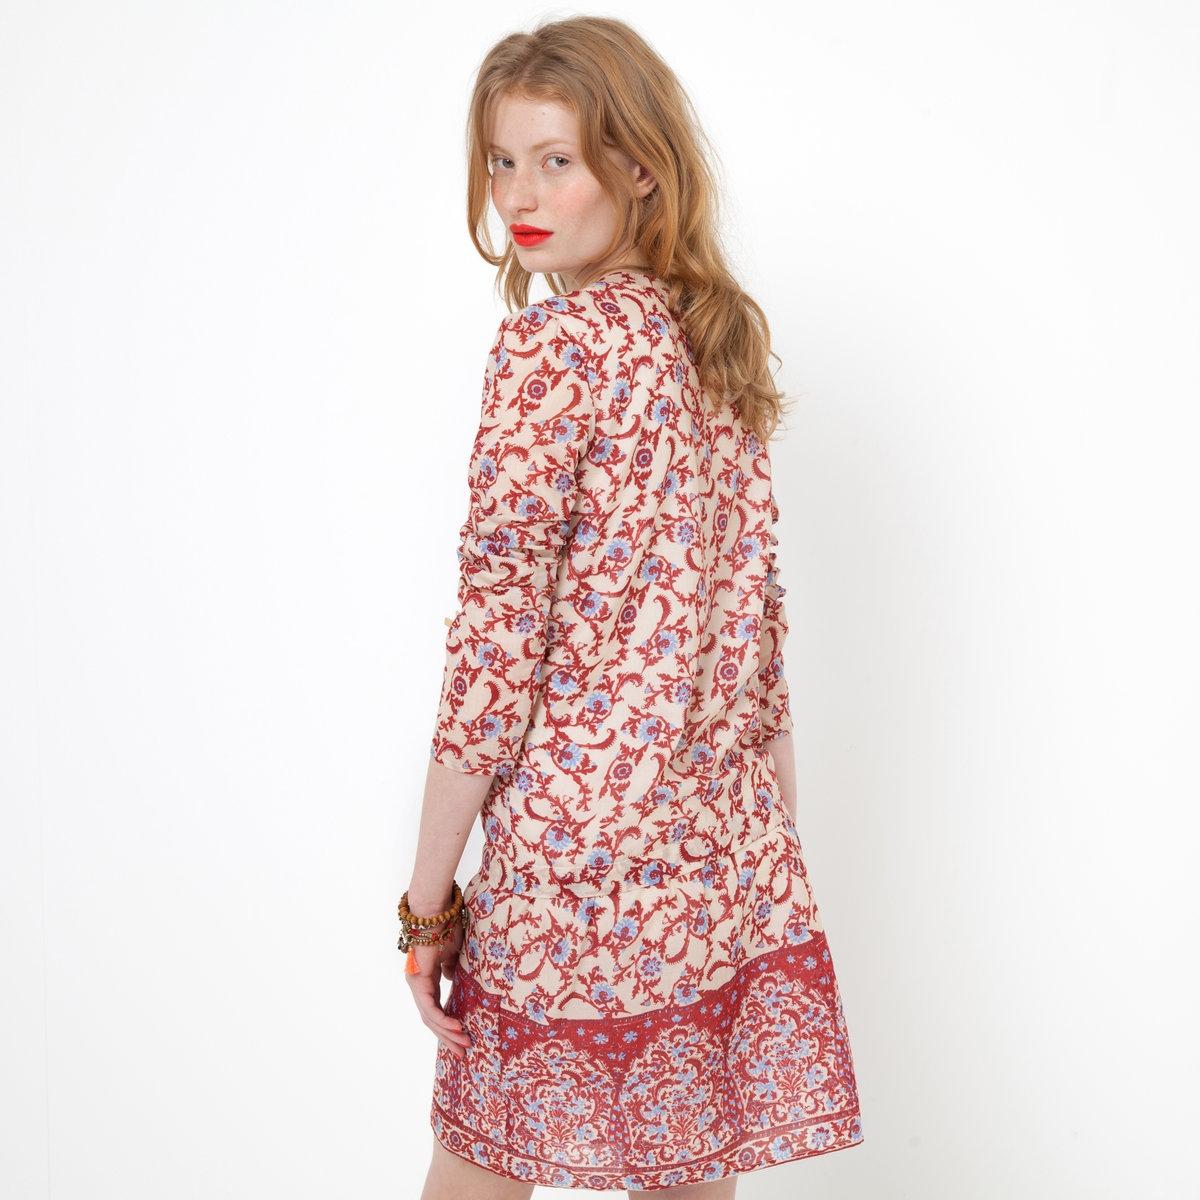 Платье с длинными рукавамиПлатье. Ткань с рисунком, 100% хлопка. Вырез с застежкой на пуговицы. Завязки спереди. Длина 92 см.<br><br>Цвет: набивной рисунок<br>Размер: 34 (FR) - 40 (RUS)